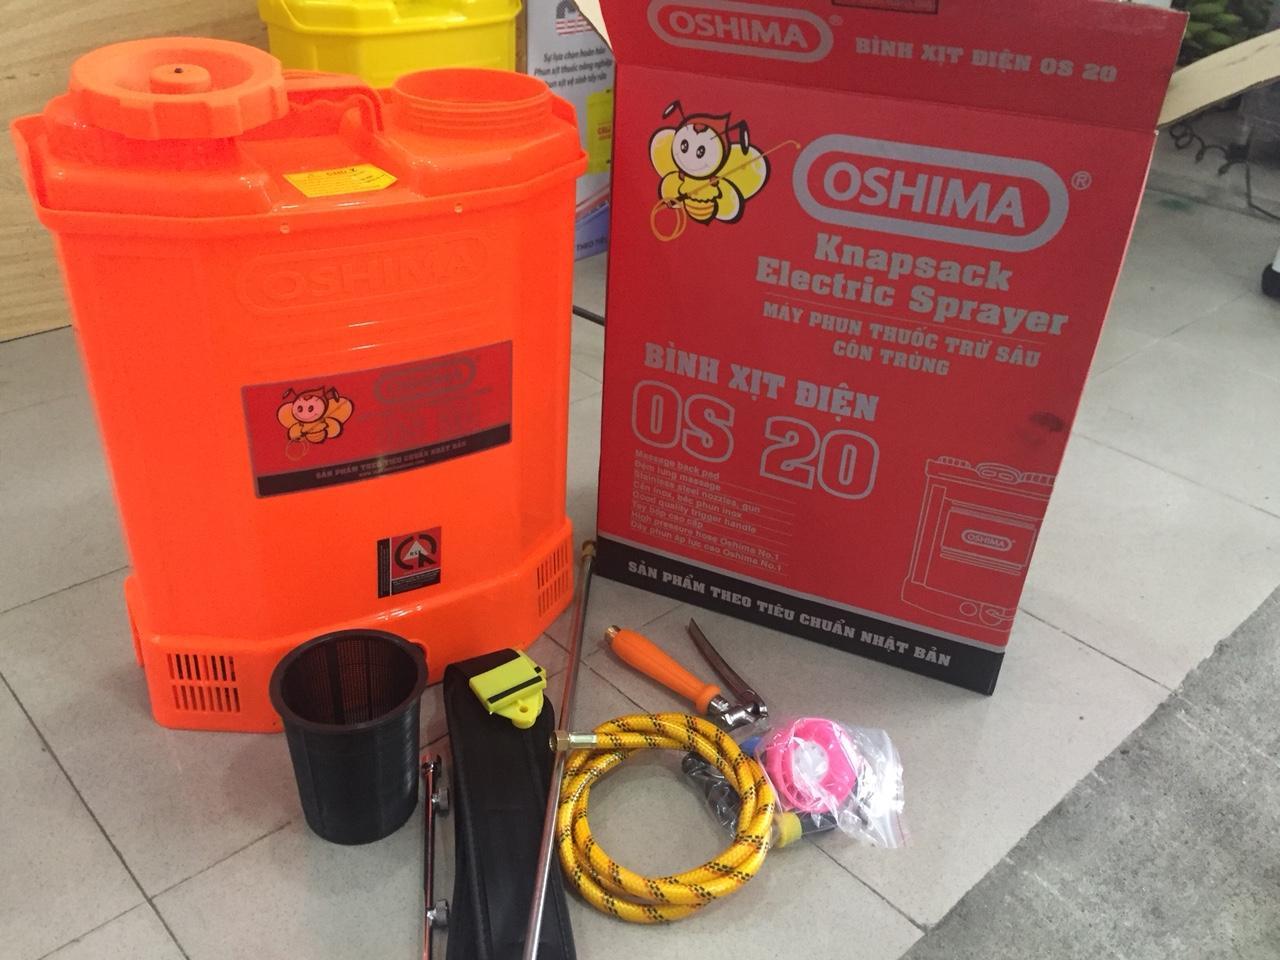 Bình xịt điện Oshima OS20( vàng , cam)